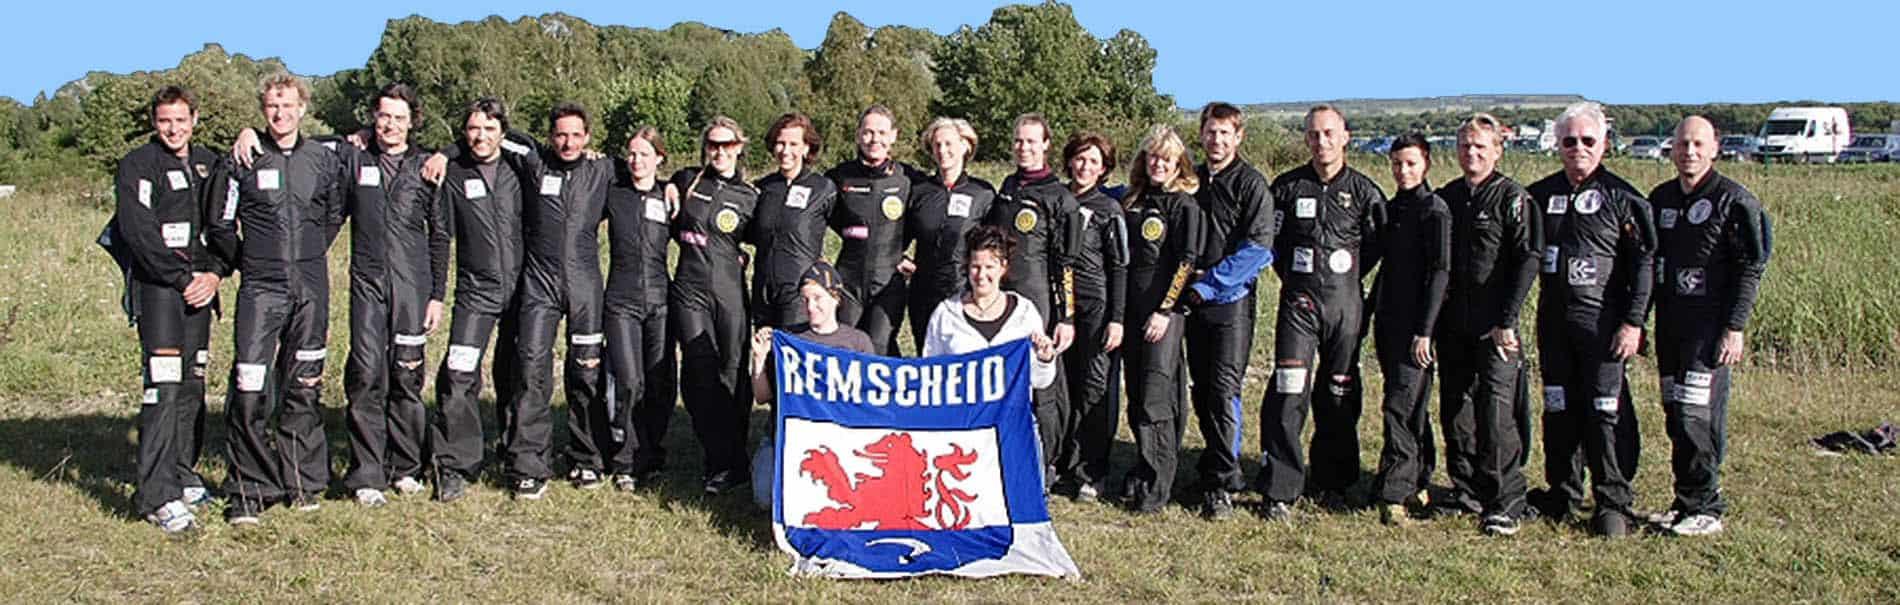 Team des FSC Remscheid